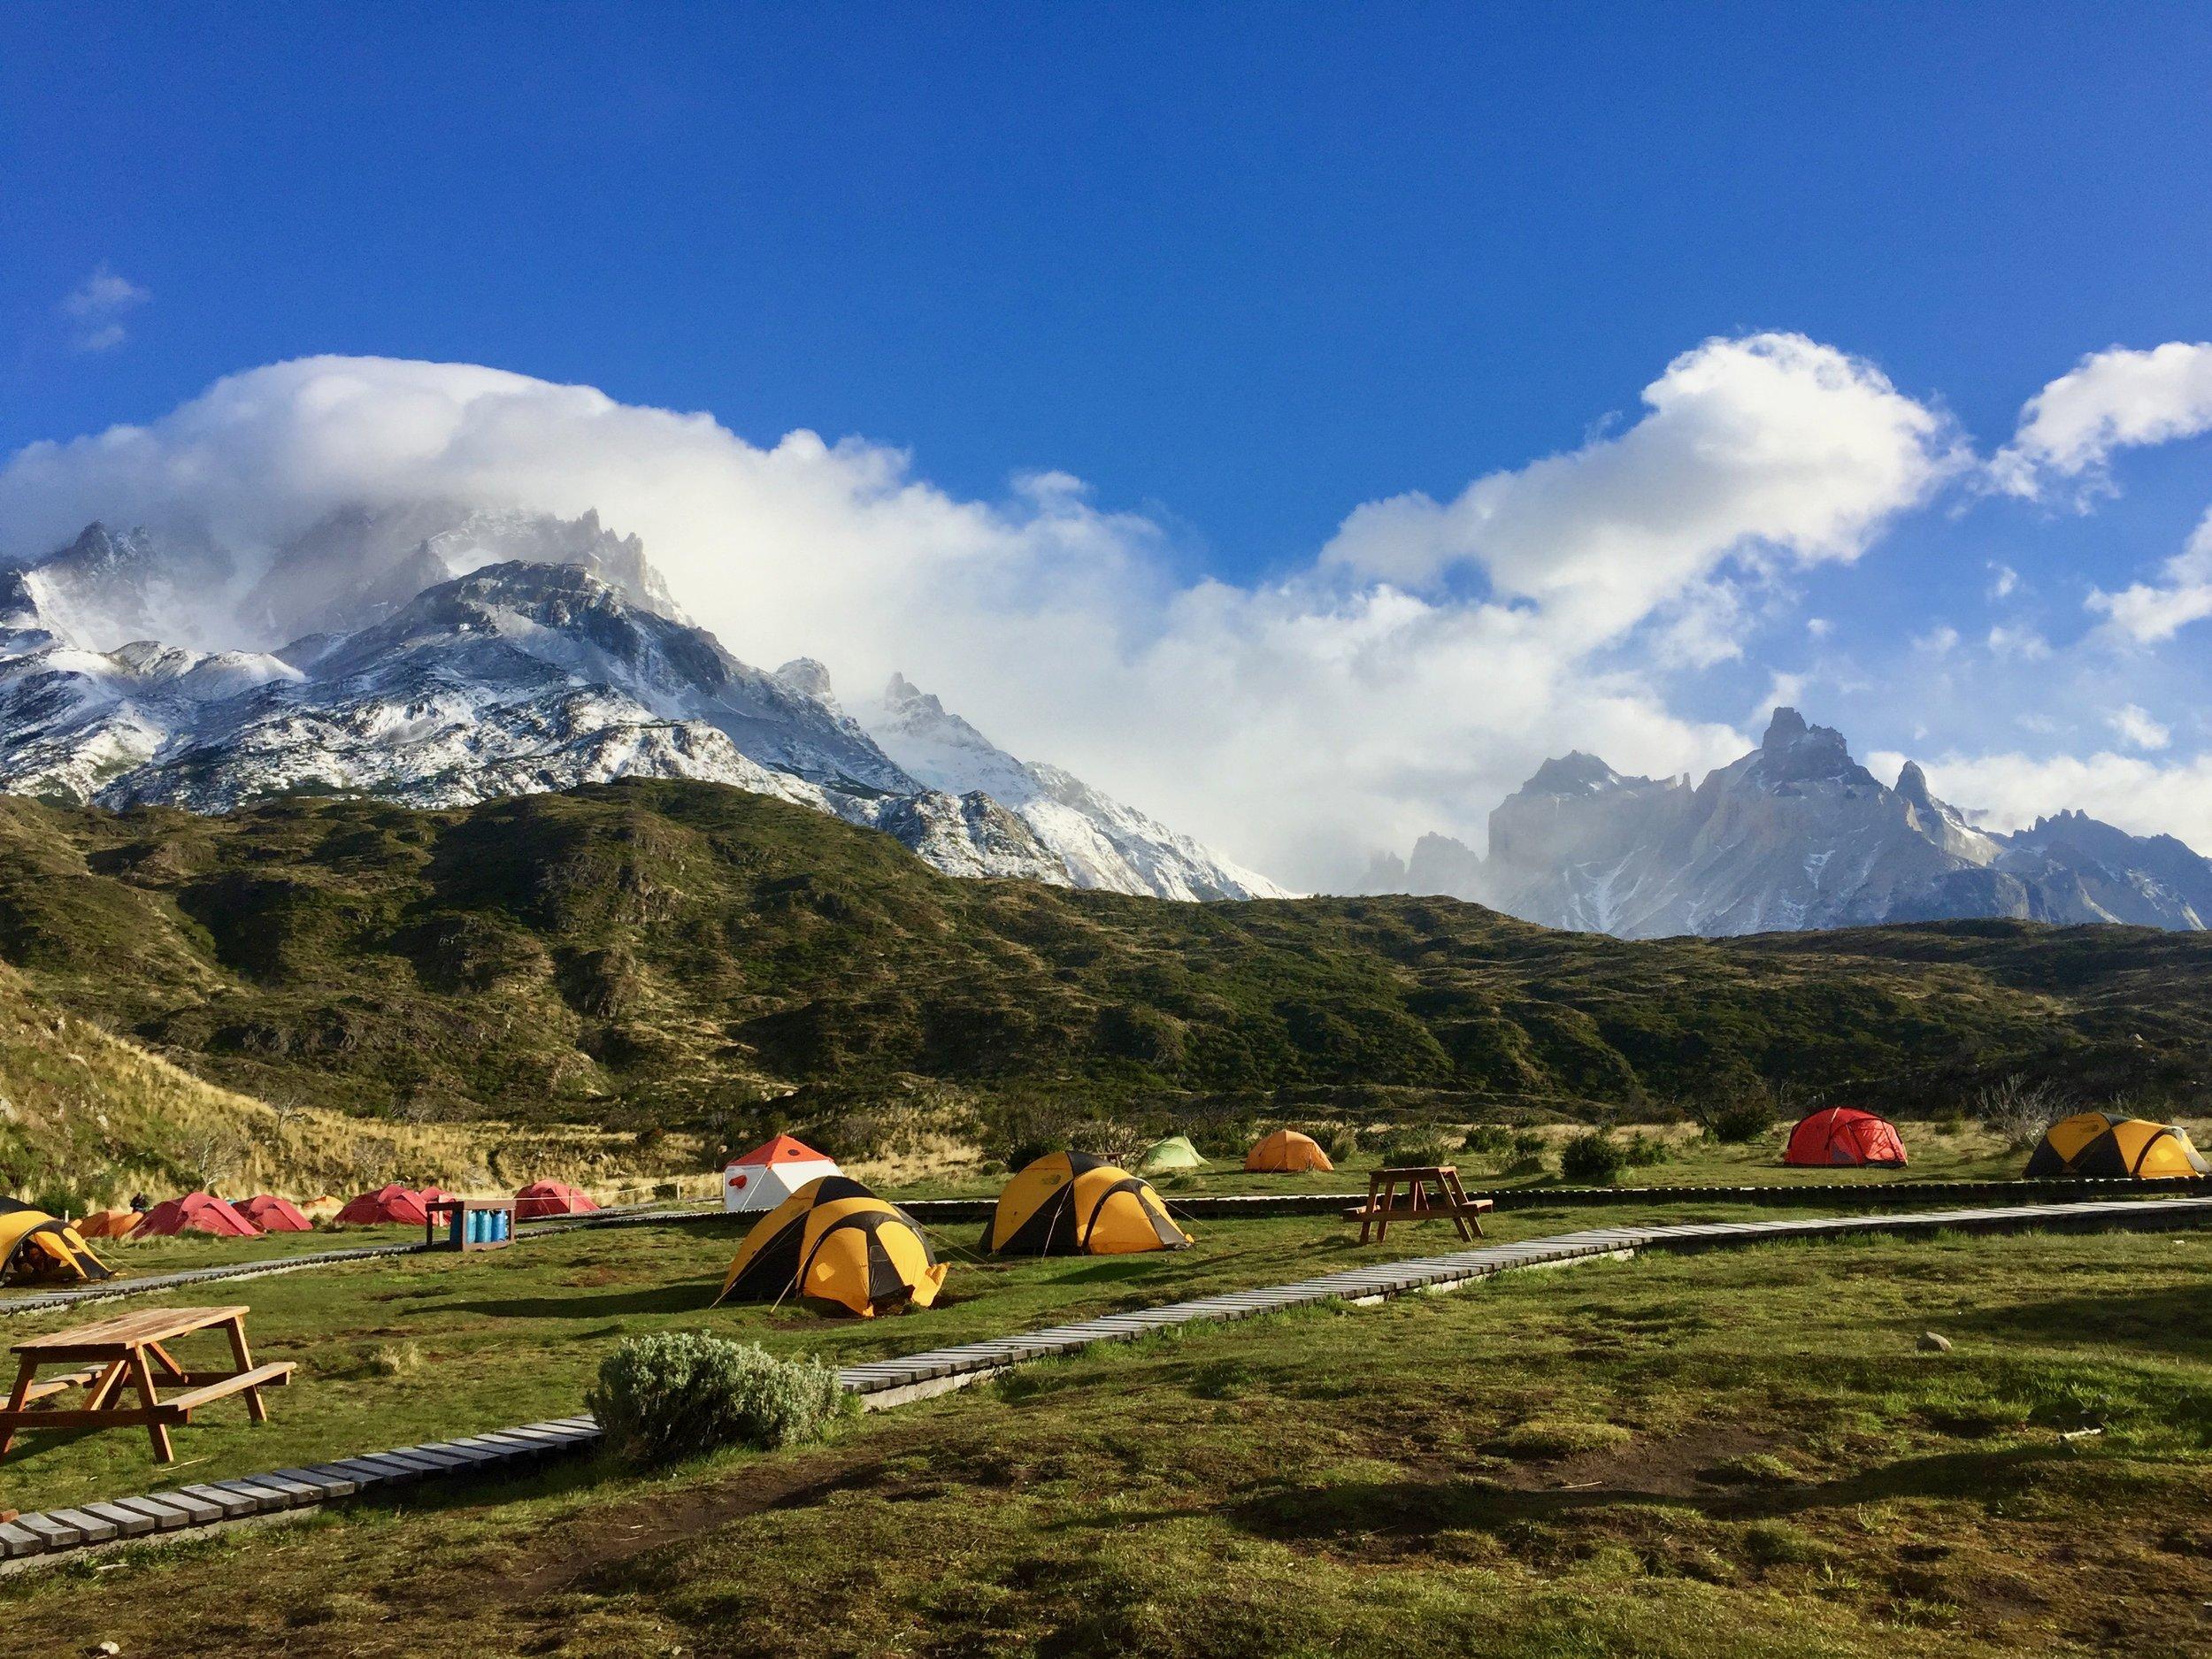 Our campsite in Torres del Paine.